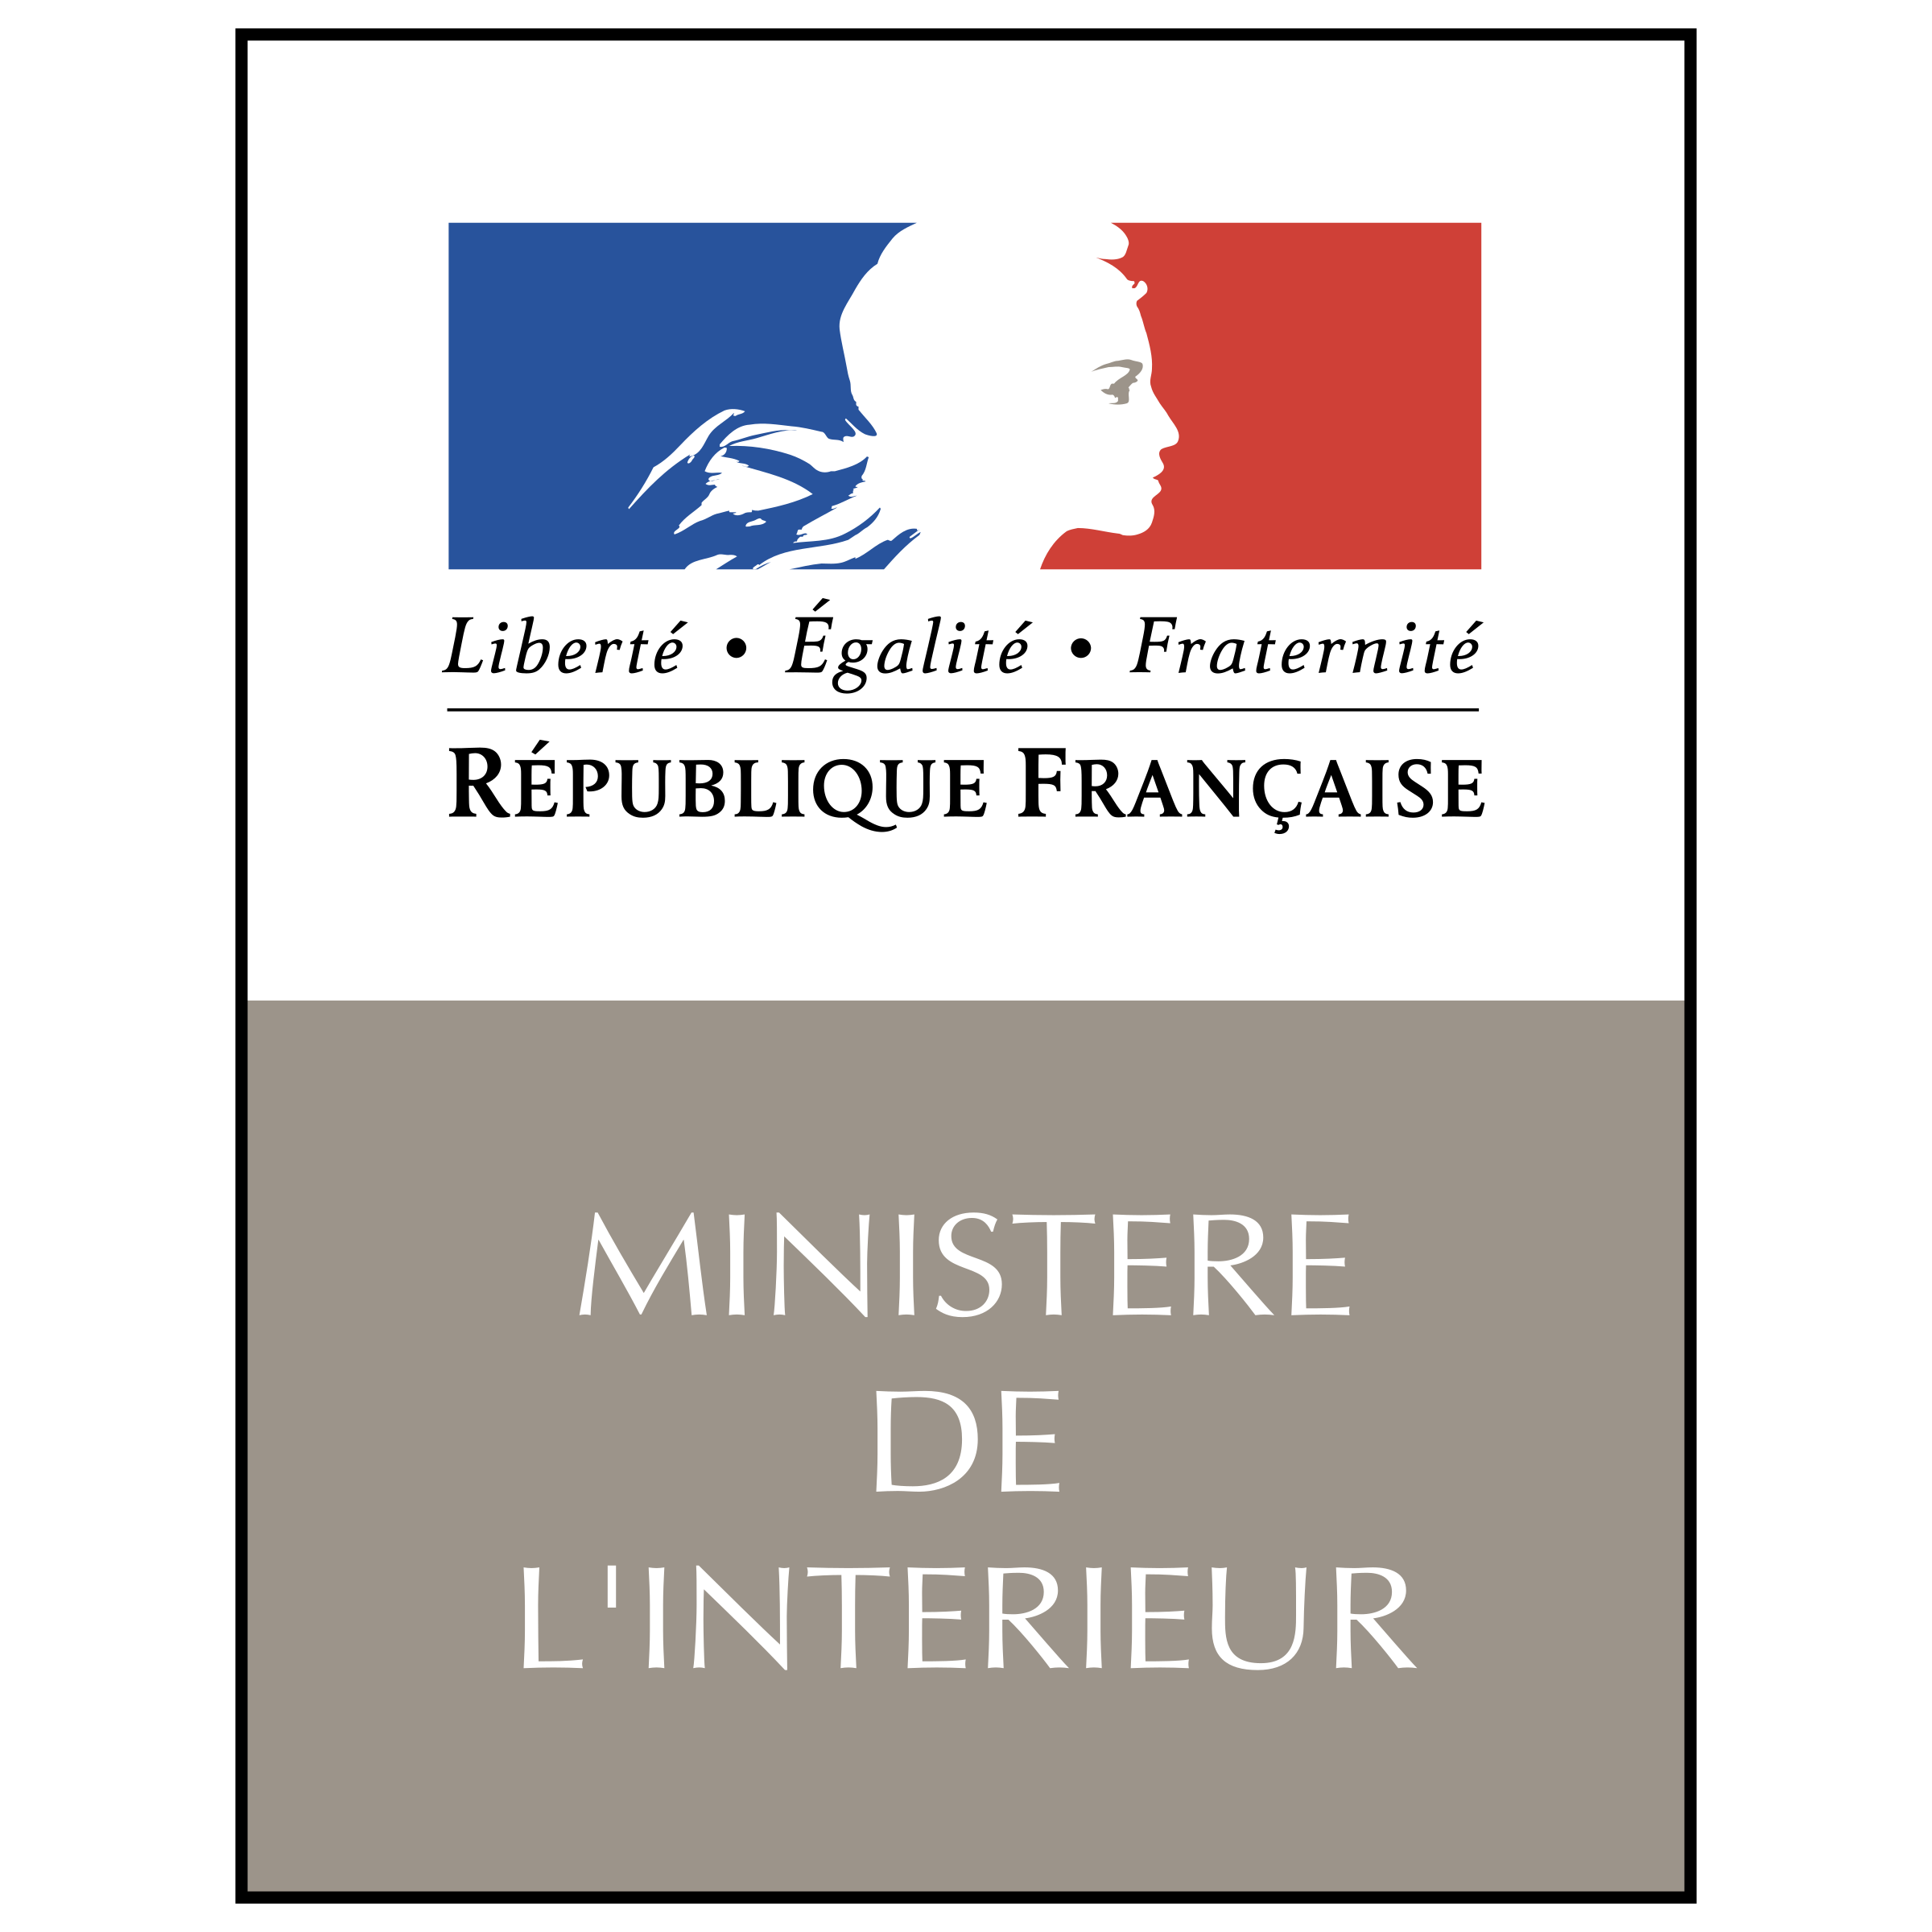 Ministere De Interieur Logo PNG Transparent & SVG Vector - Freebie ...